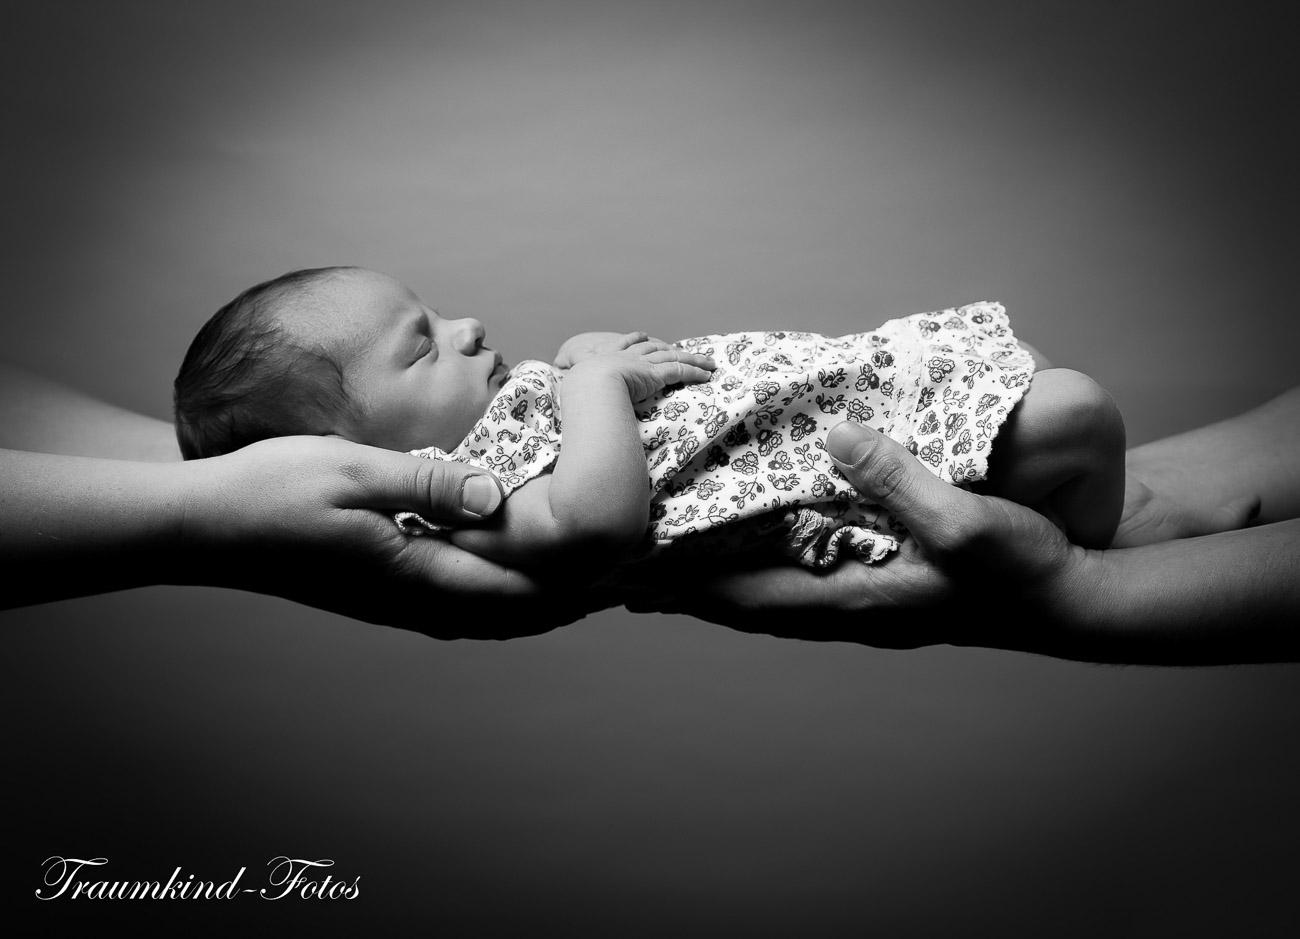 Traumkind Fotos Neugeborenen Fotos Essen 7 - Babyfotos